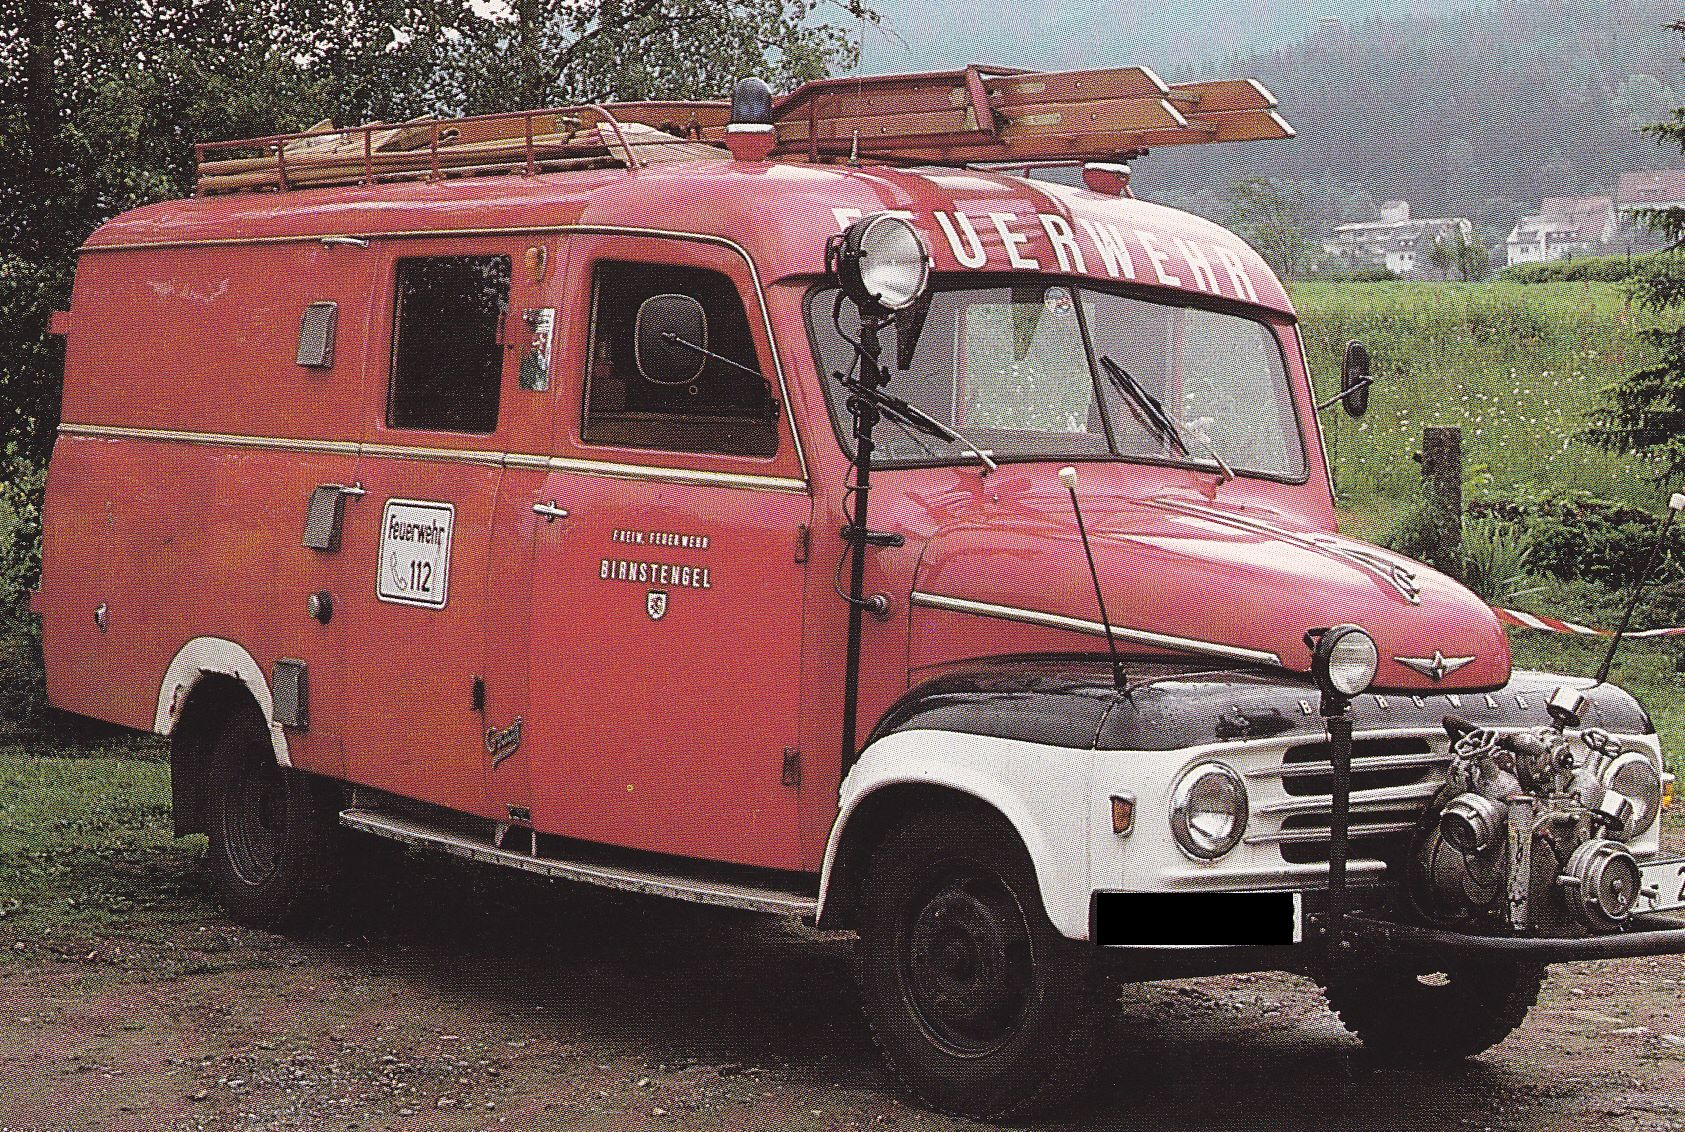 Borgward Lkw Feuerwehr...